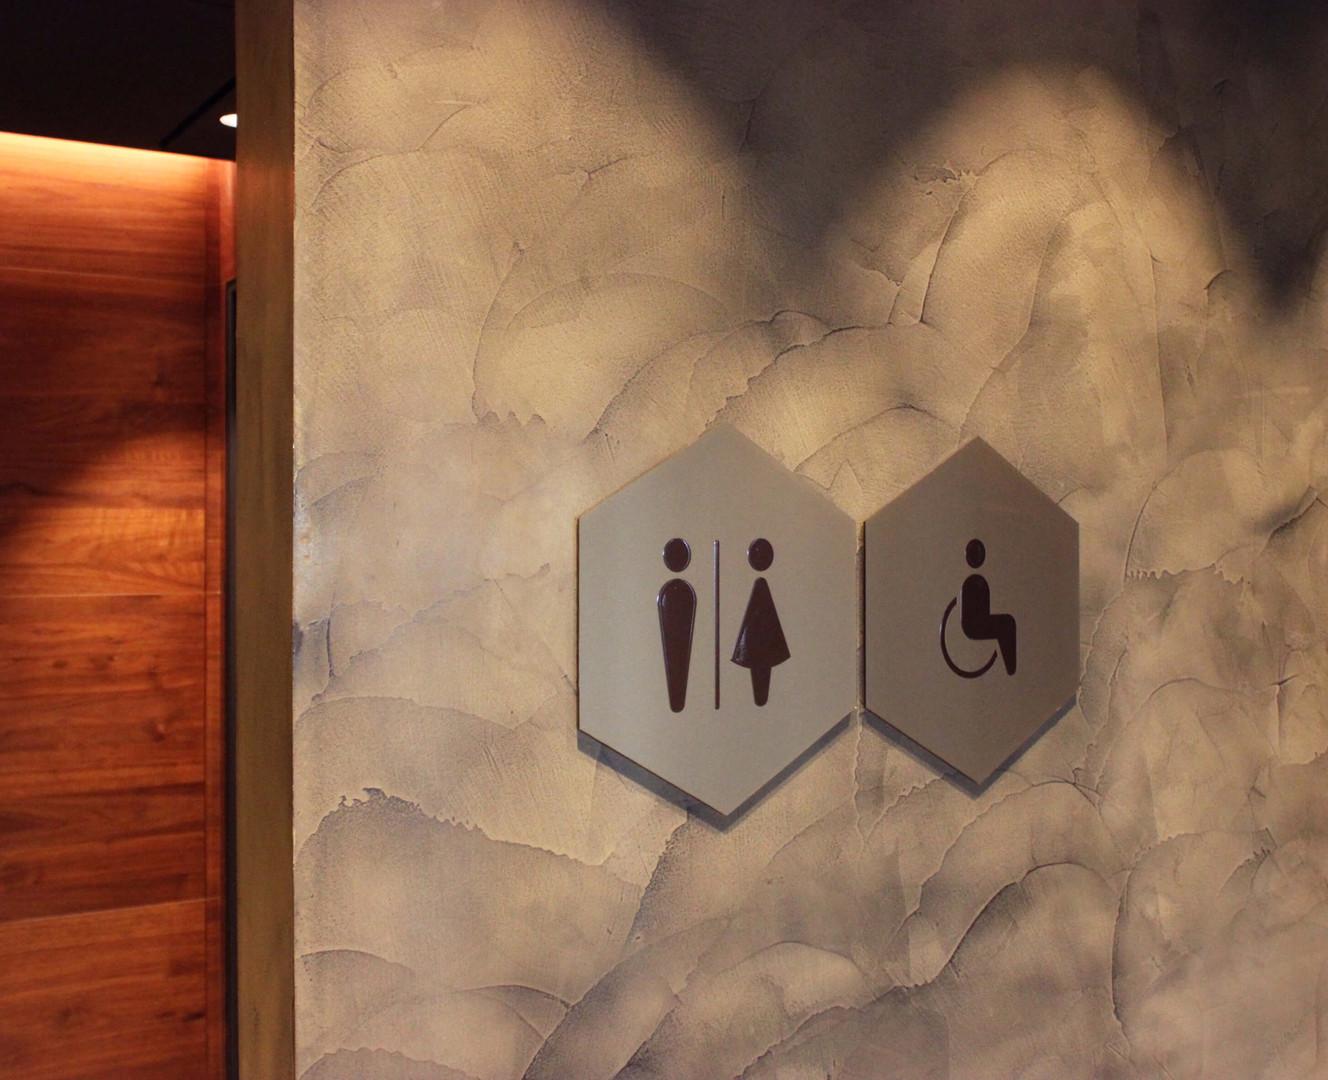 13.etg.toalettskilt